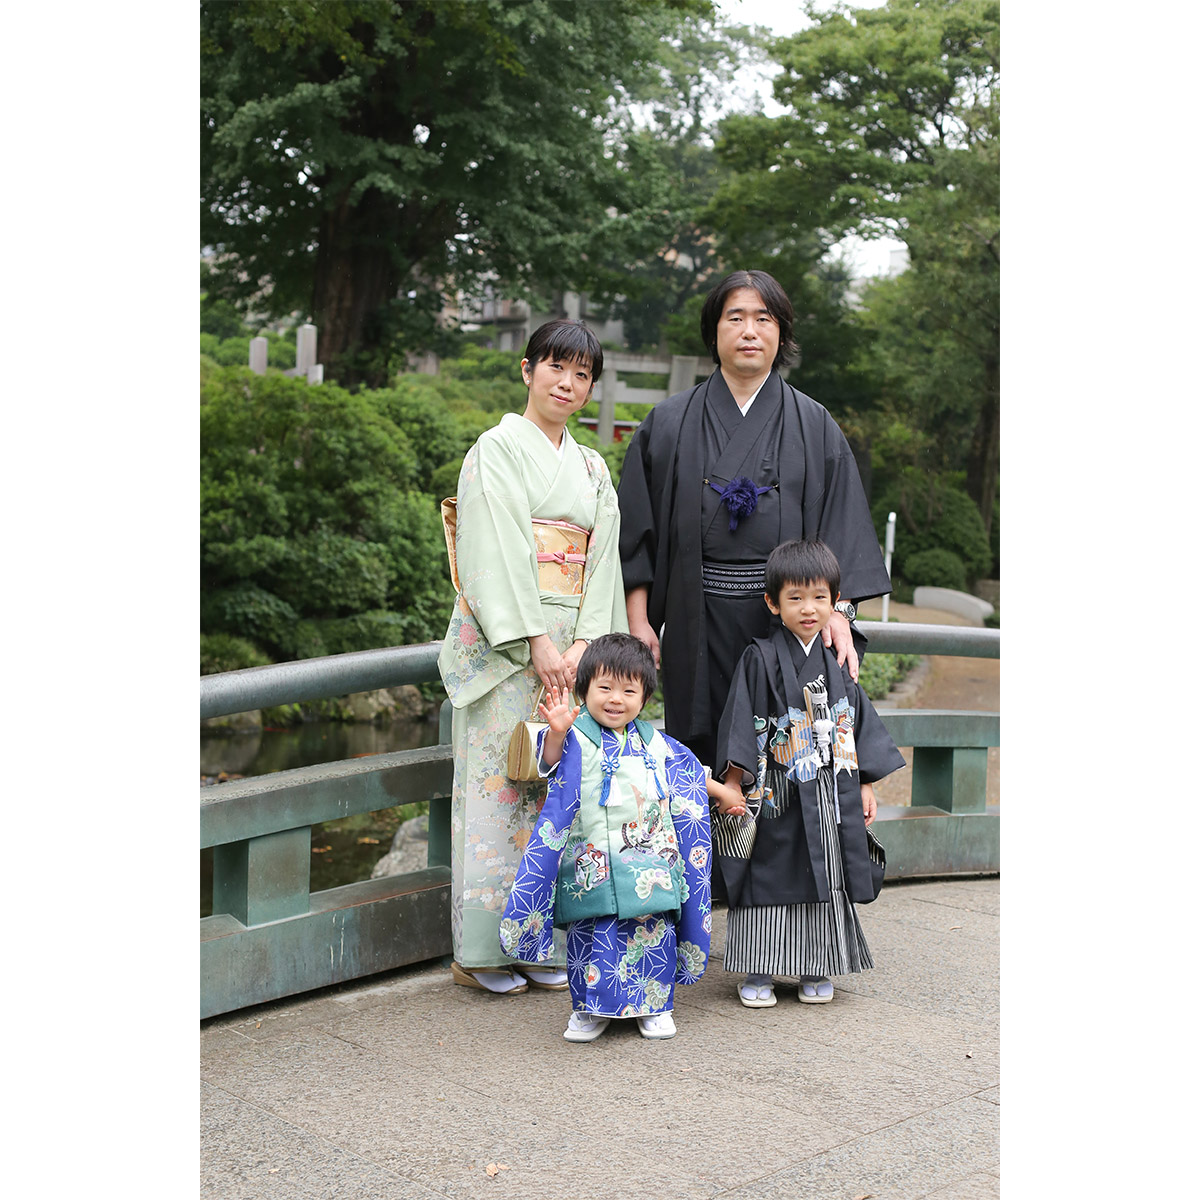 根津神社 池の上の橋で七五三記念撮影